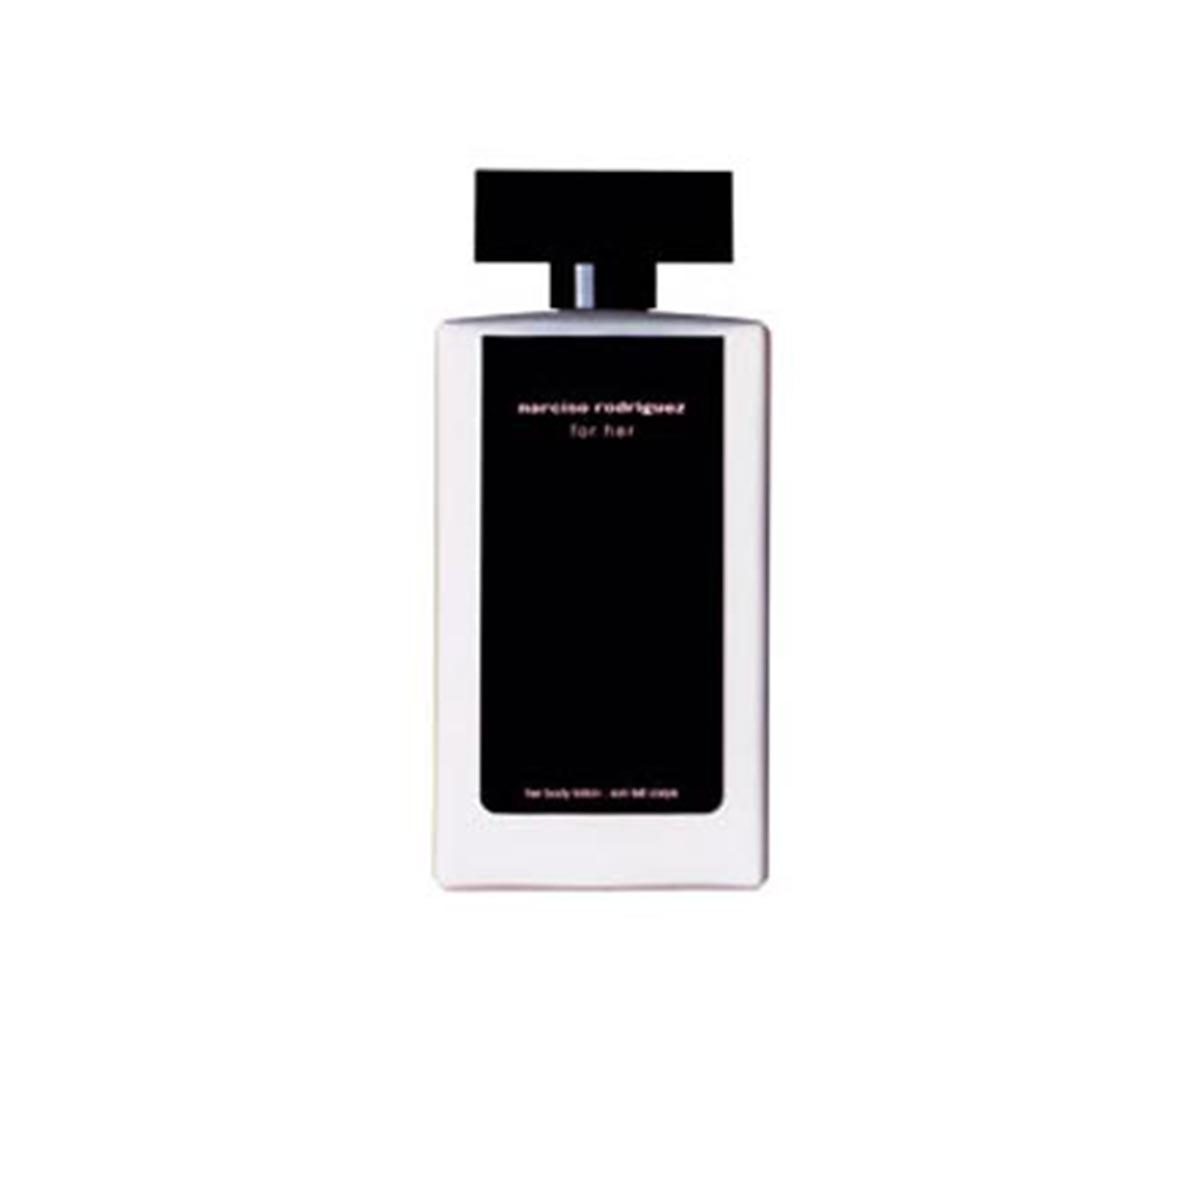 Narciso rodriguez body milk 200ml